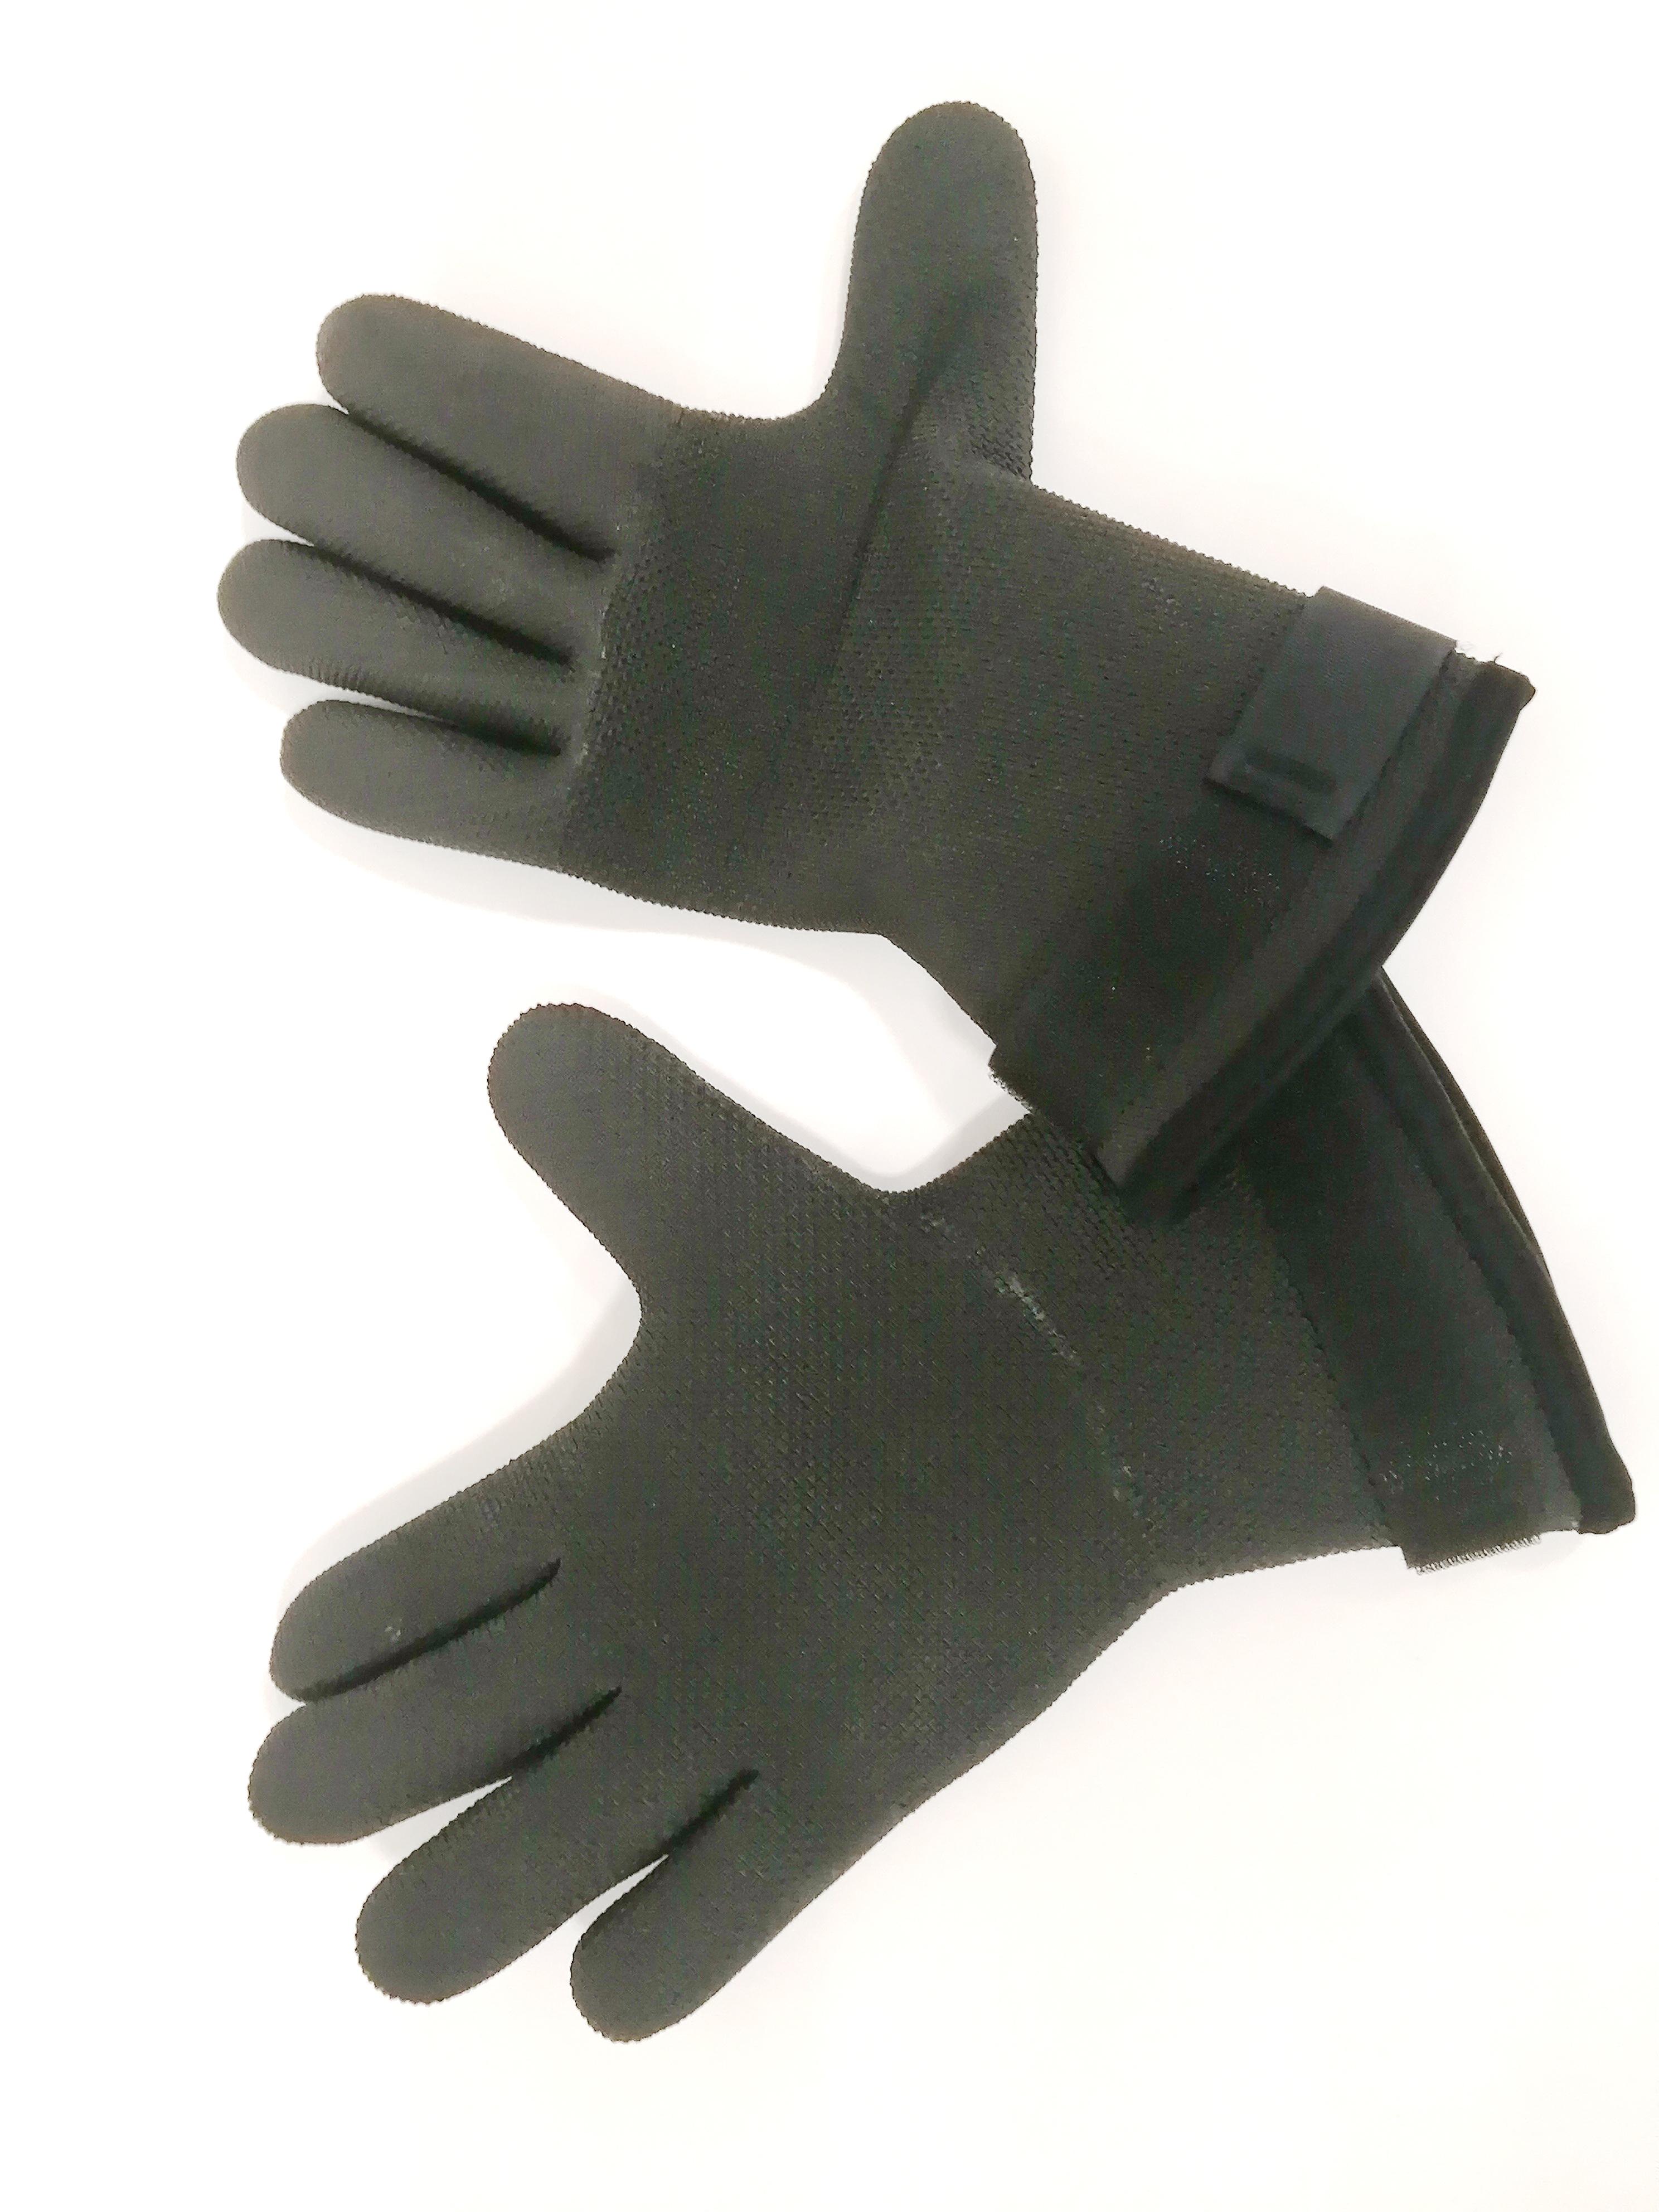 Dünner Neopren Handschuh  für Taucher auch  Fensterputz Handschuh | aquata